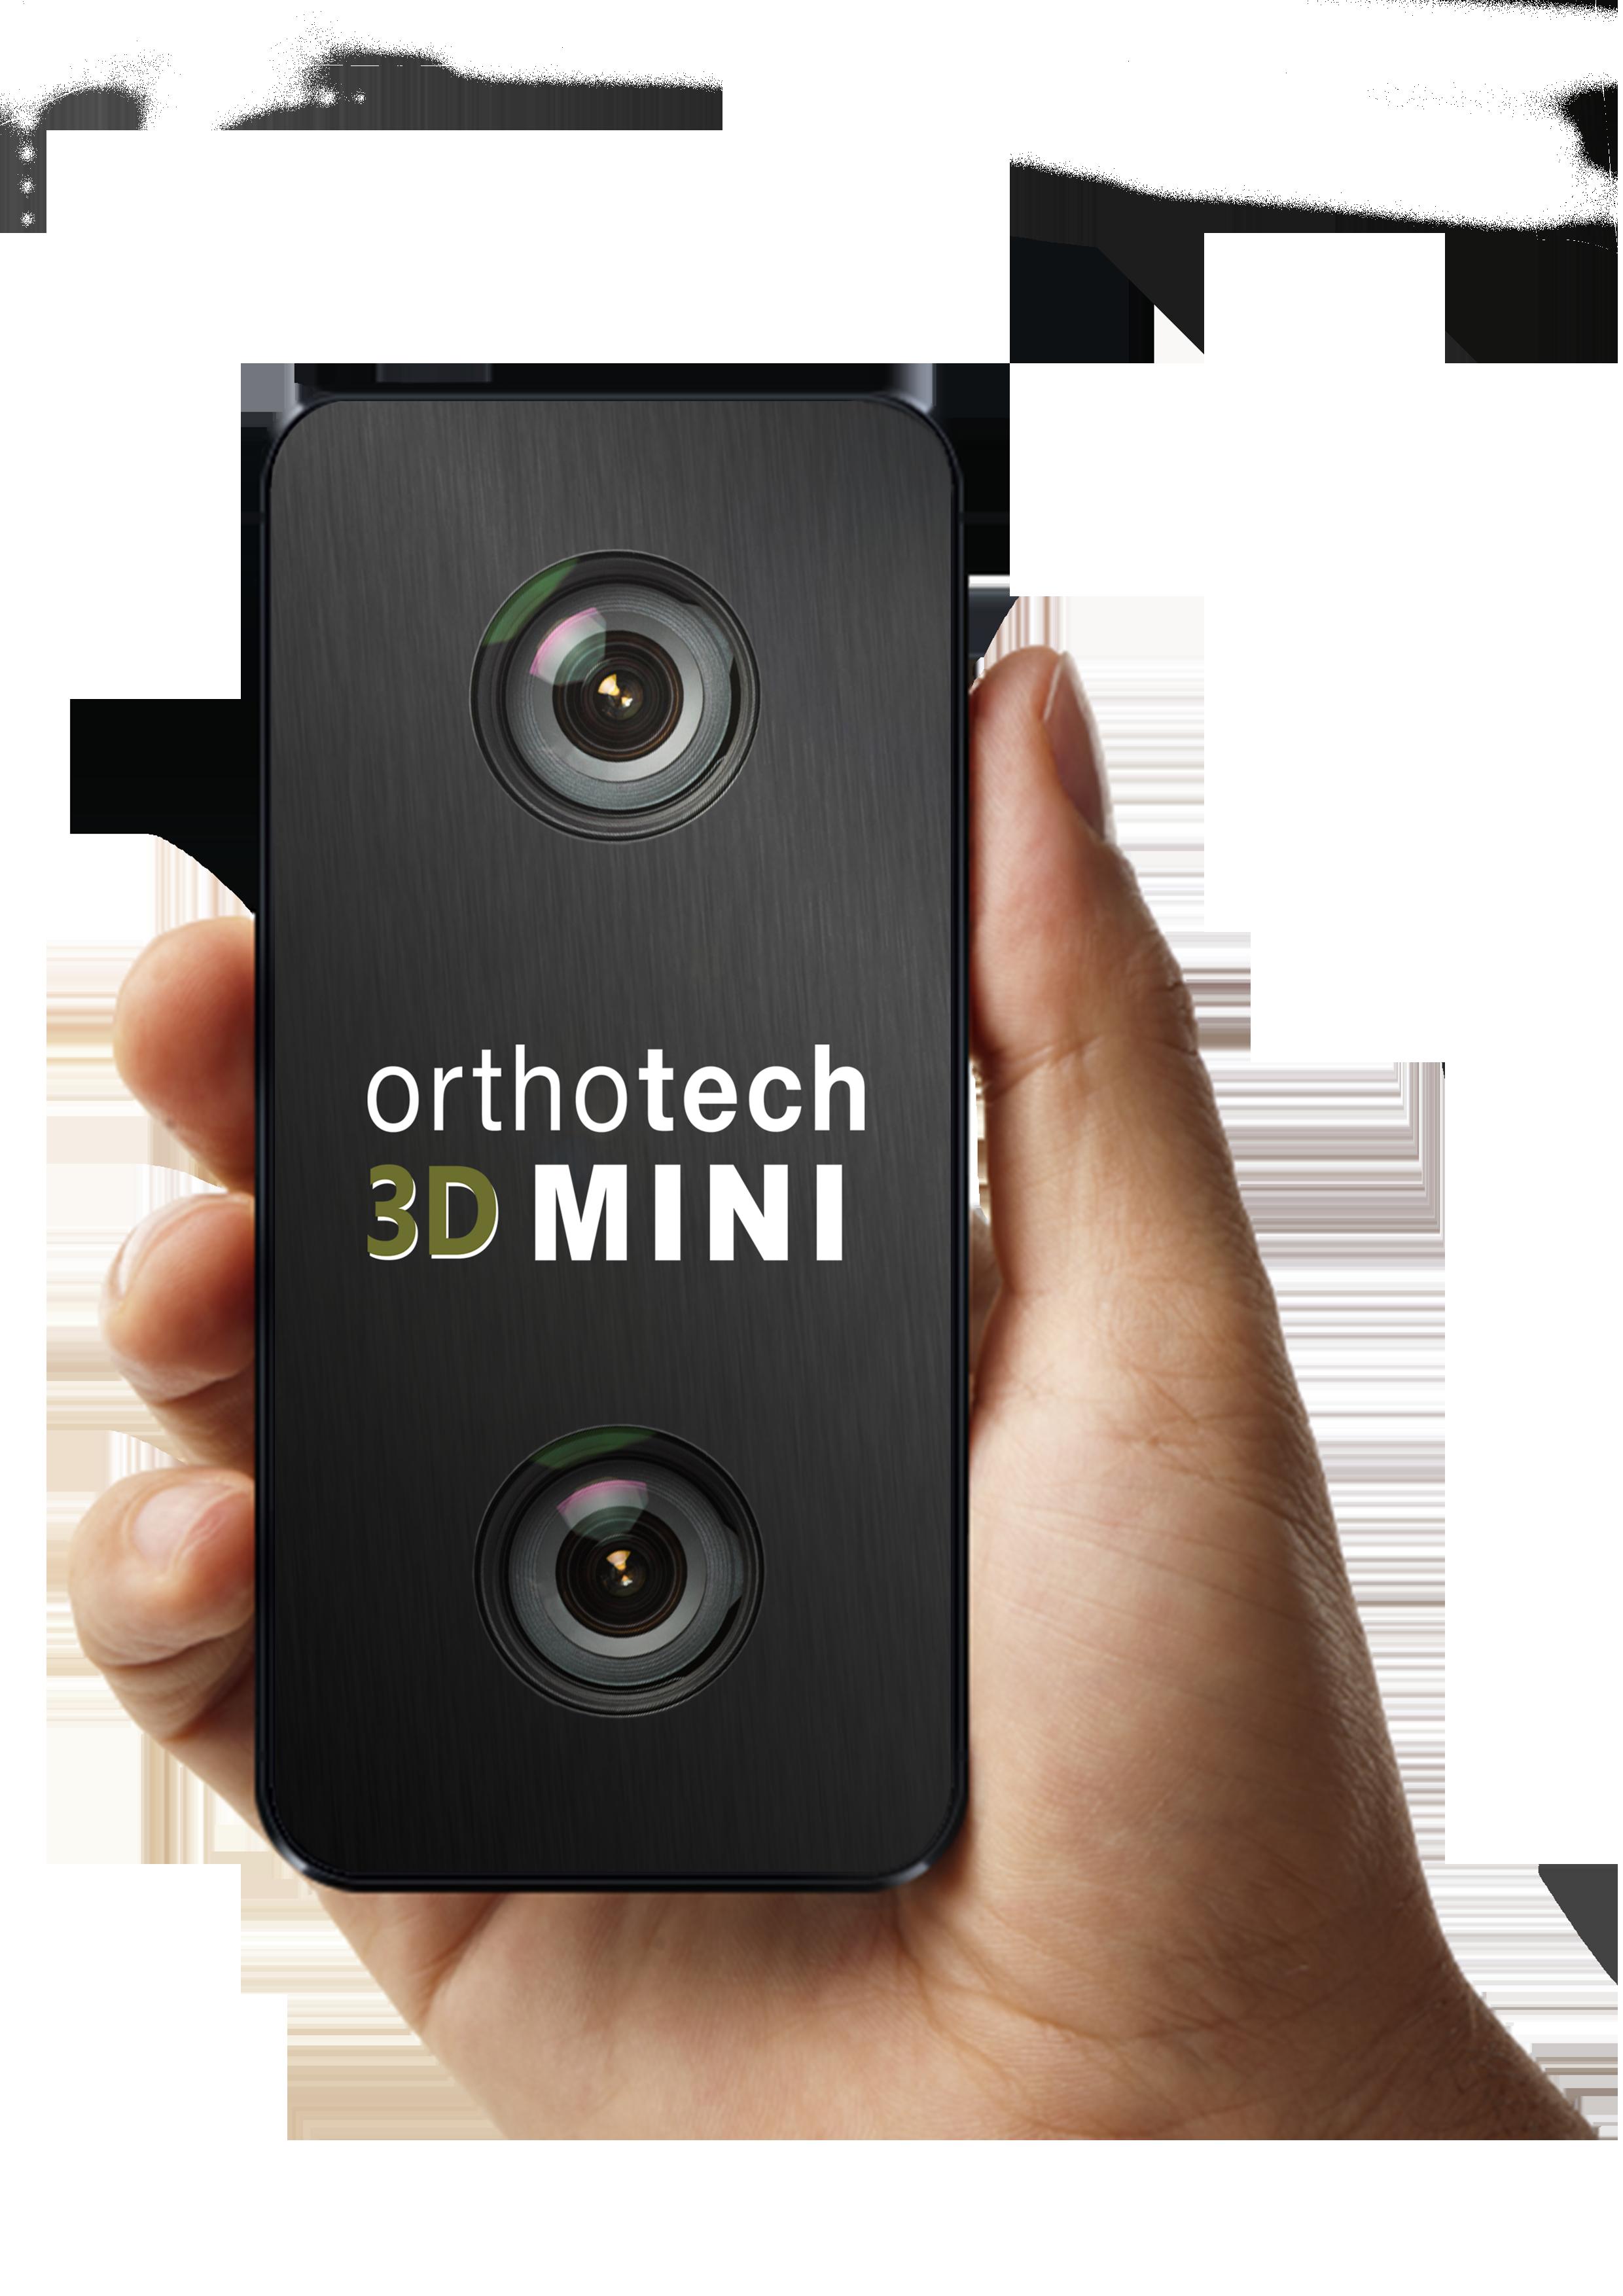 Orthotech 3D MINI